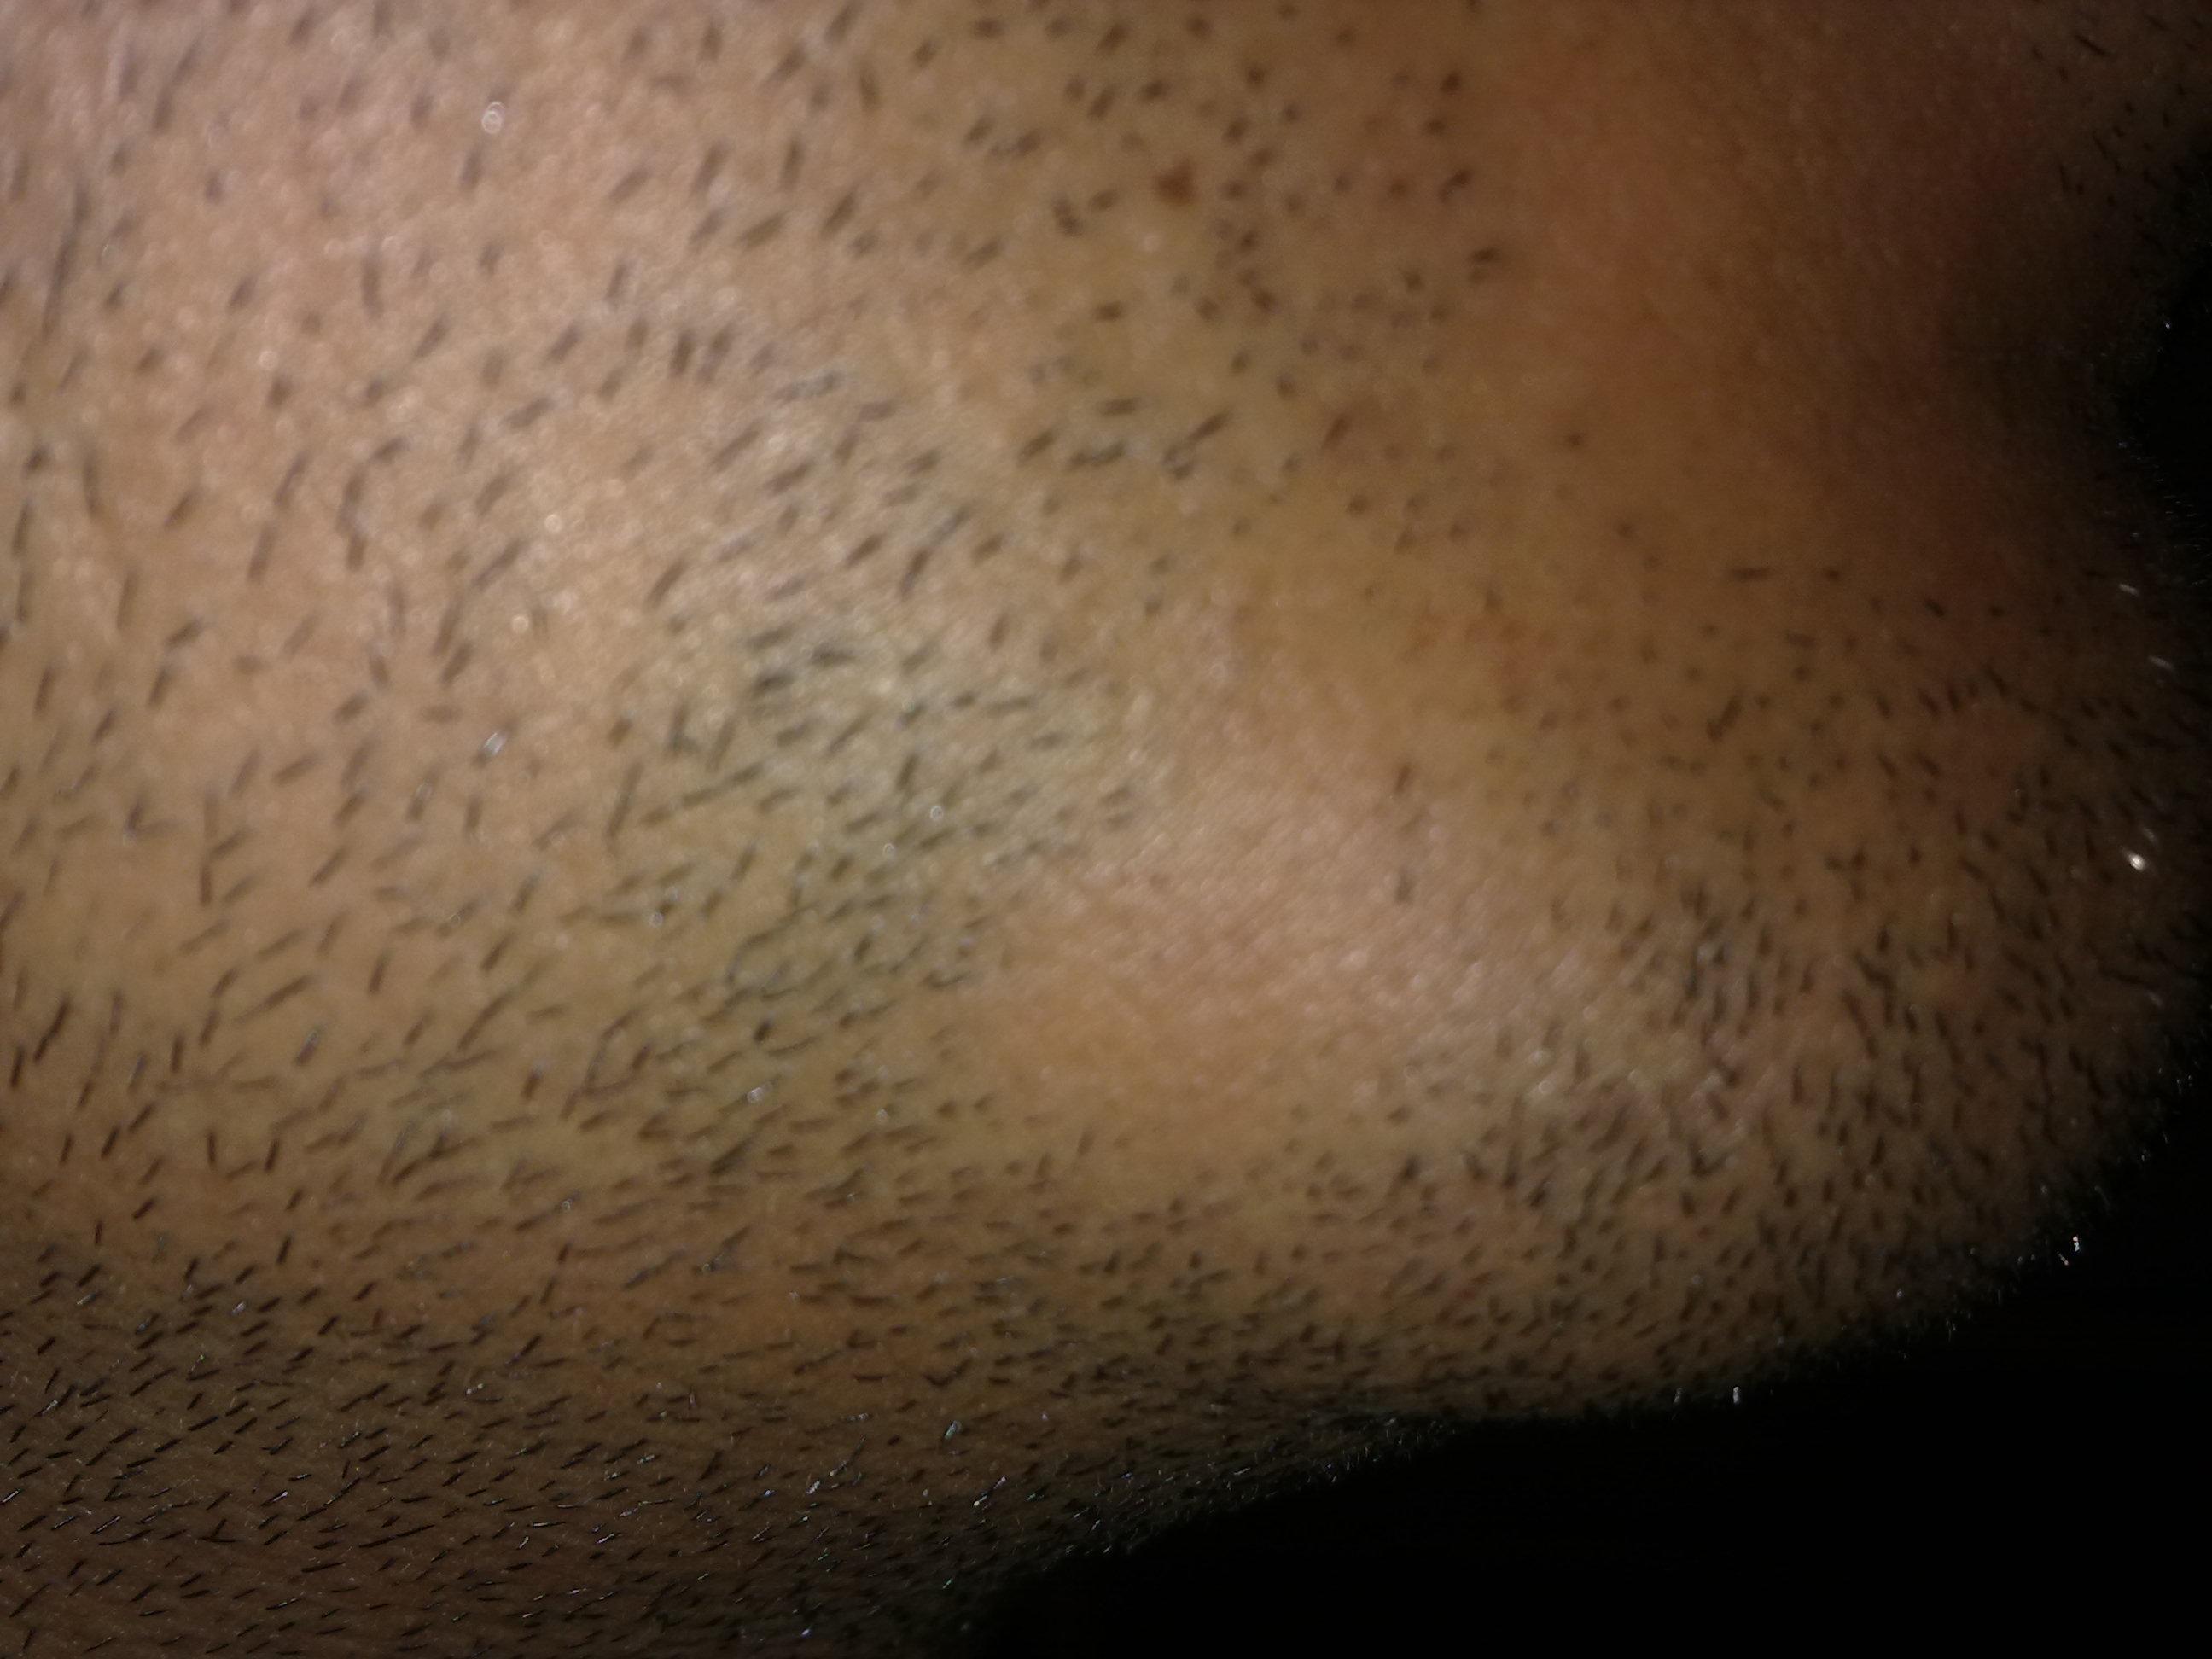 alopecia areata description